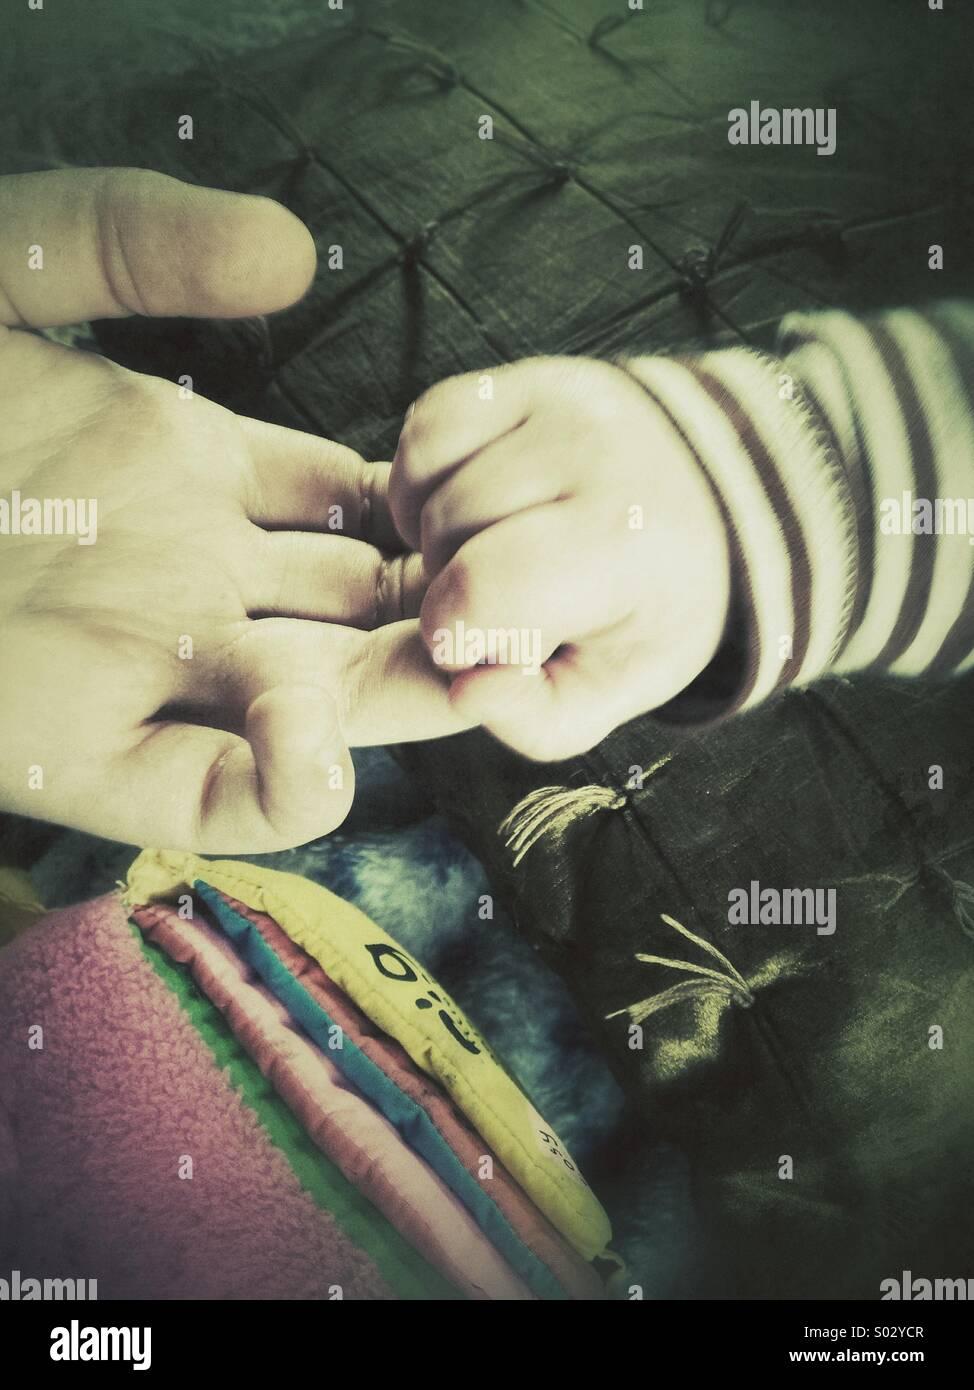 Infanzia, baby la mano che tiene su ai teenager della mano, del filtro retrò Immagini Stock